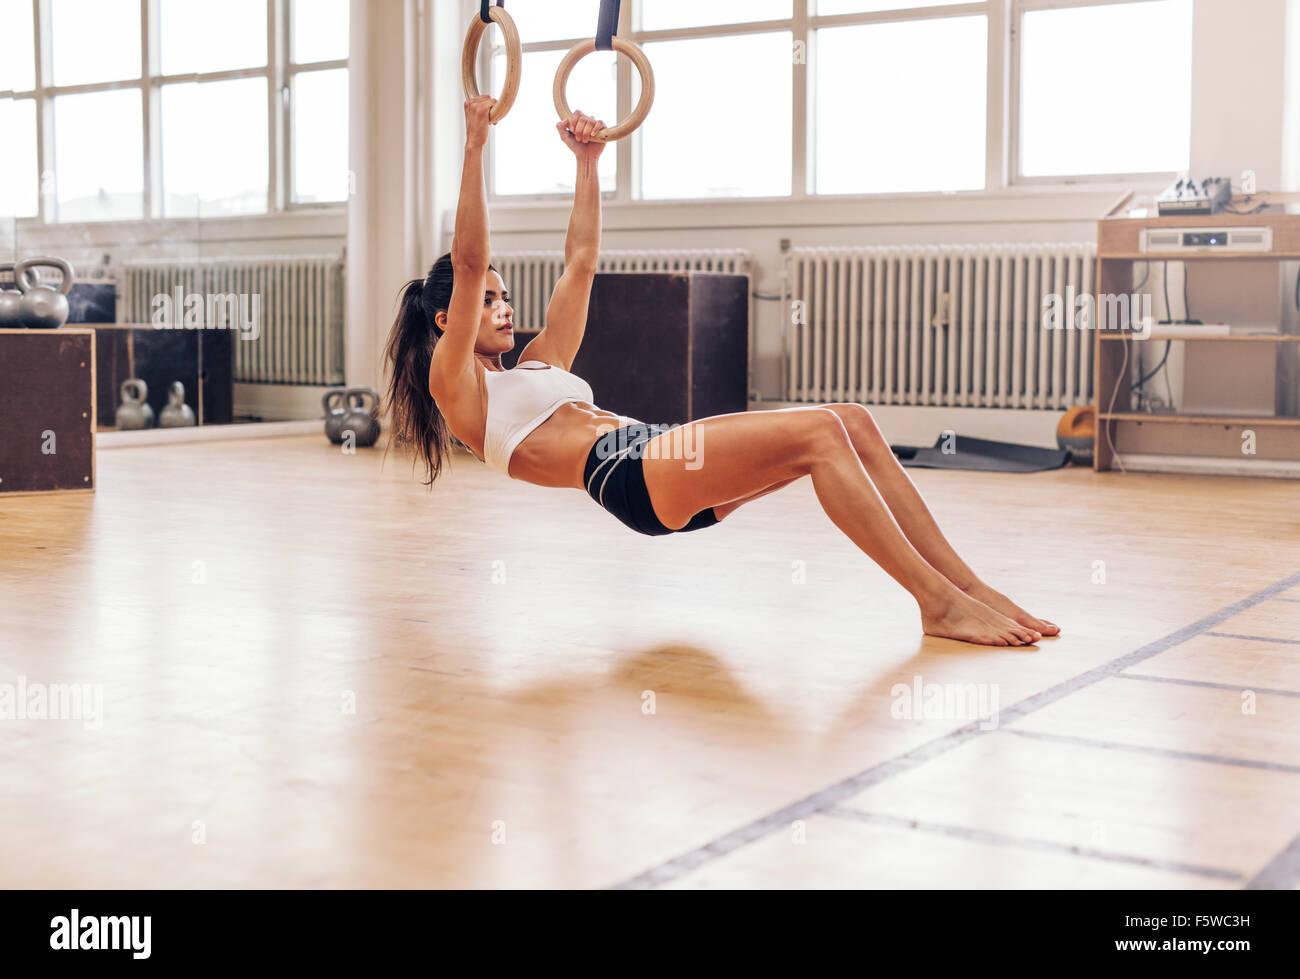 Musculoso joven haciendo pull-ups en anillos. Colocar joven atleta femenina ejerciendo con anillos de gimnasia en Imagen De Stock